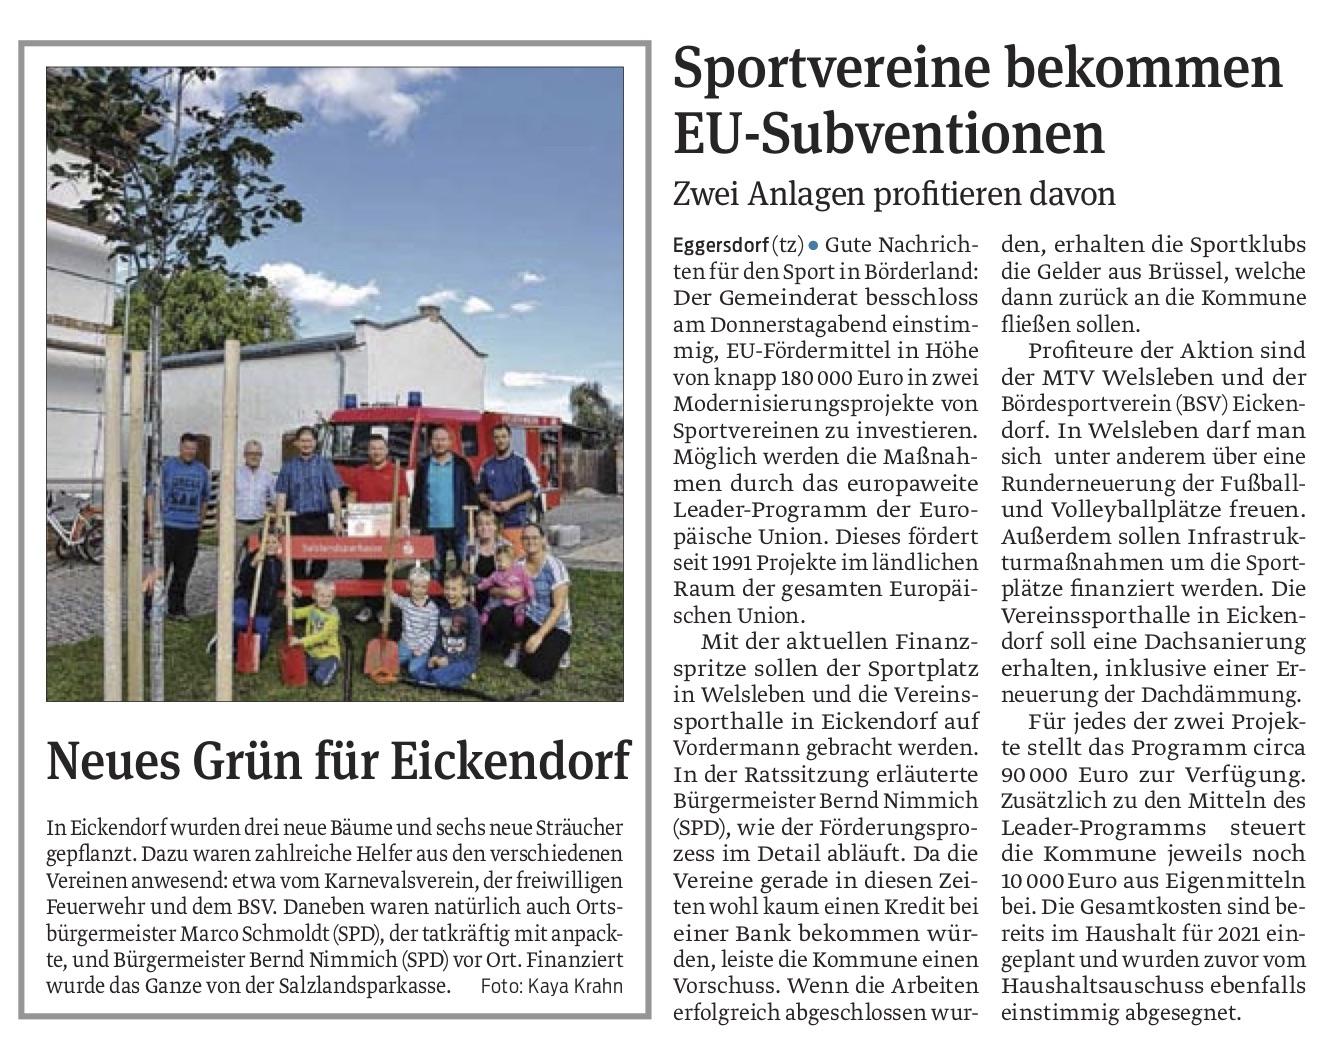 Sportvereine bekommen EU-Subventionen